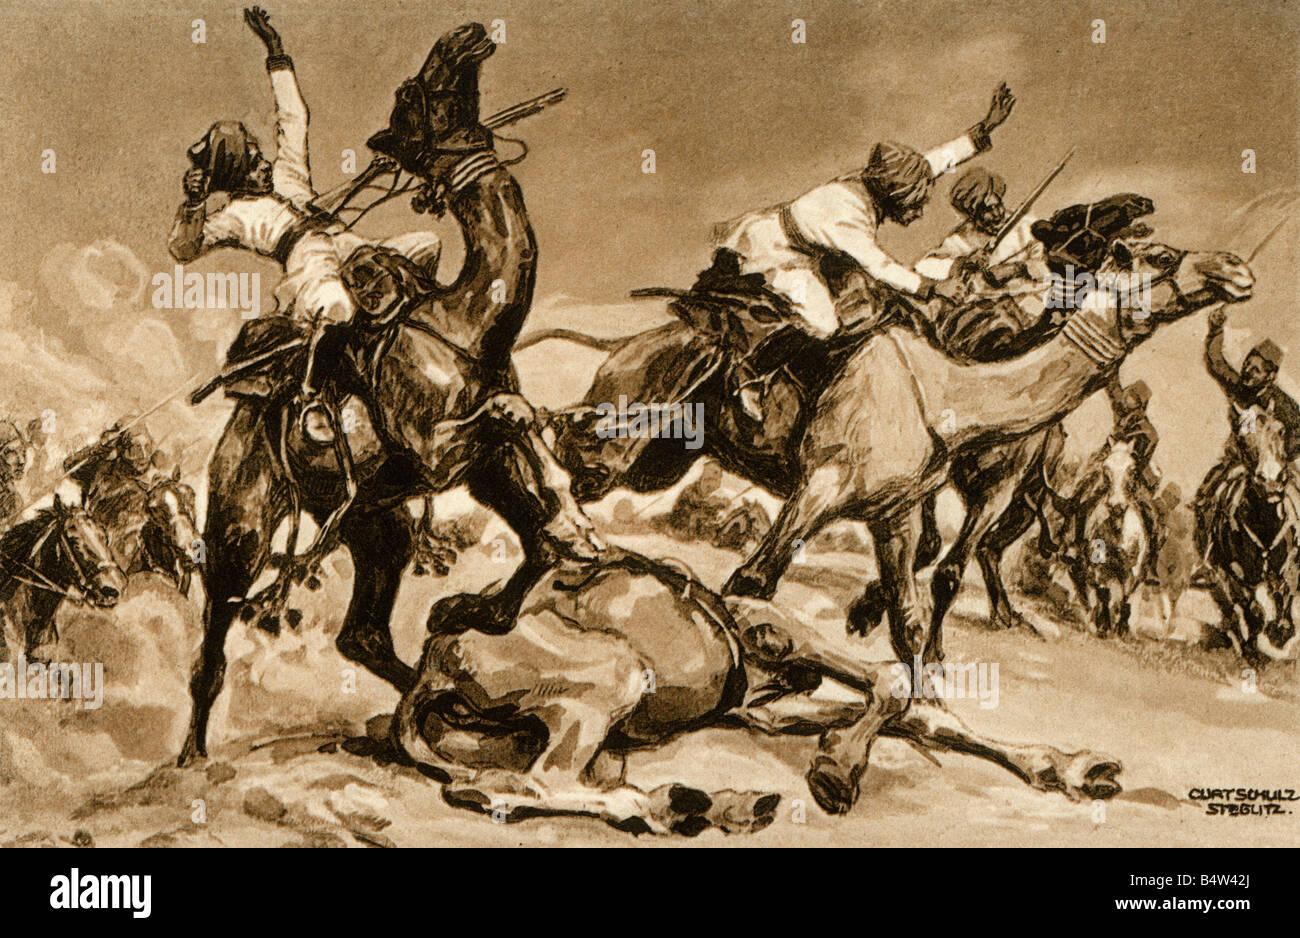 events, First World War / WWI, military postcards, 'Gefecht der Tuerken mit indischen Kamelreitern am Suezkanal' - Stock Image